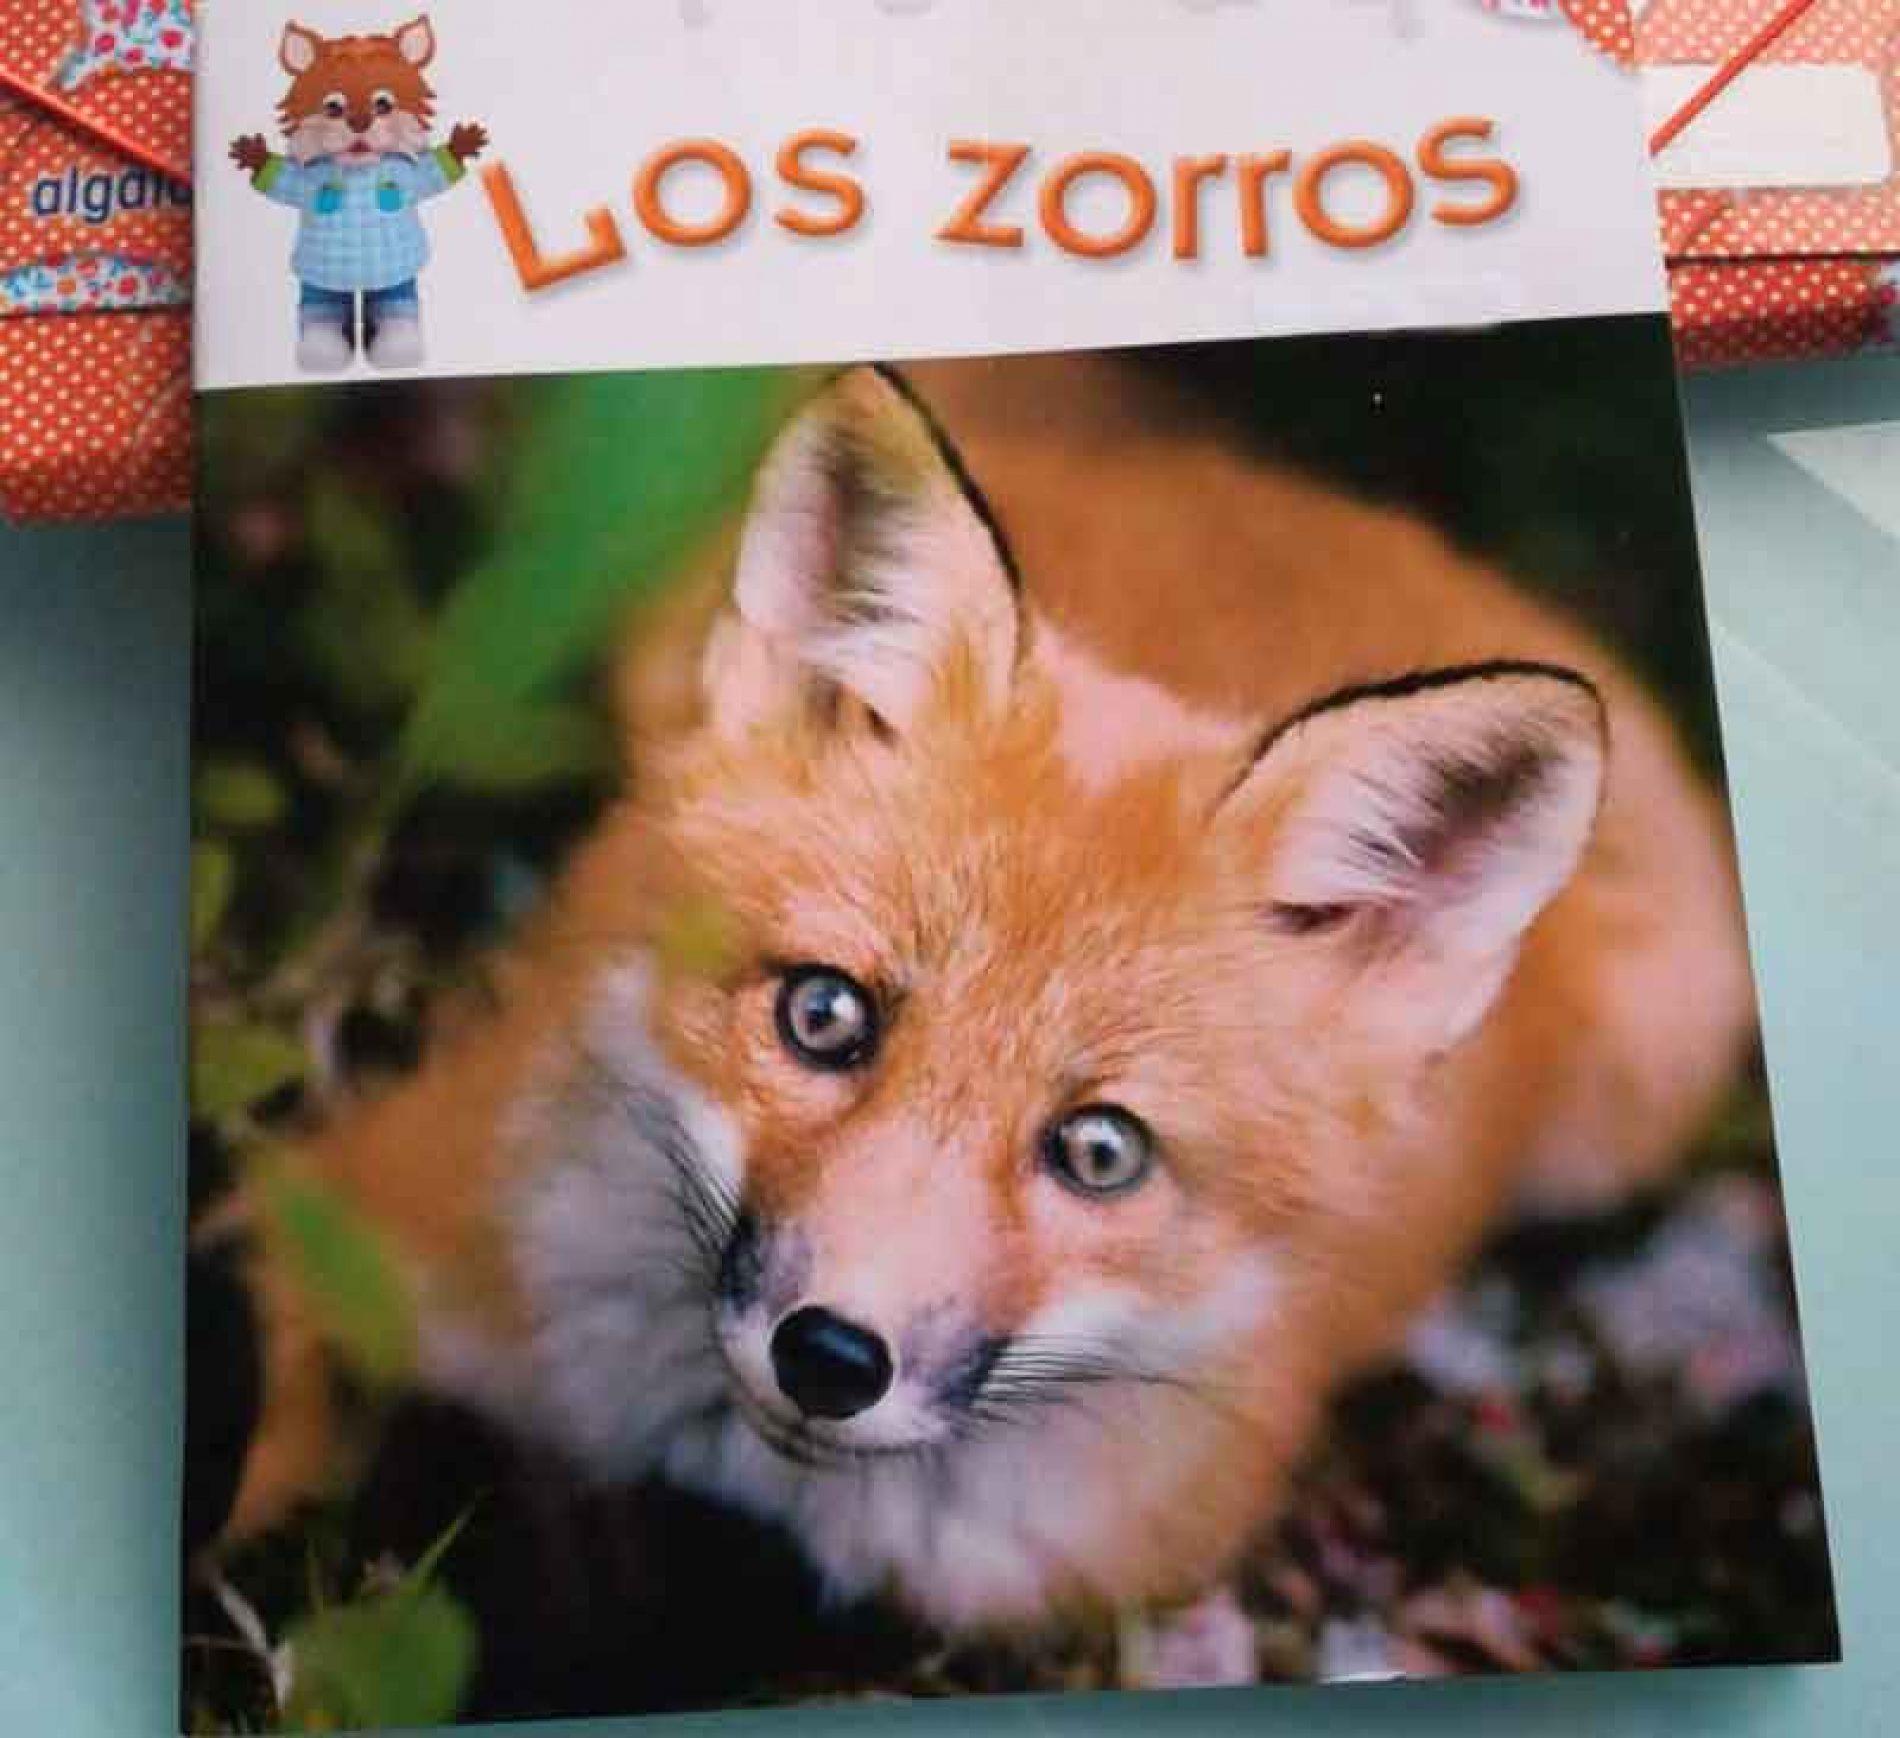 FEDEXCAZA solicita la retirada del libro de Educación Infantil que denigra la imagen de la caza